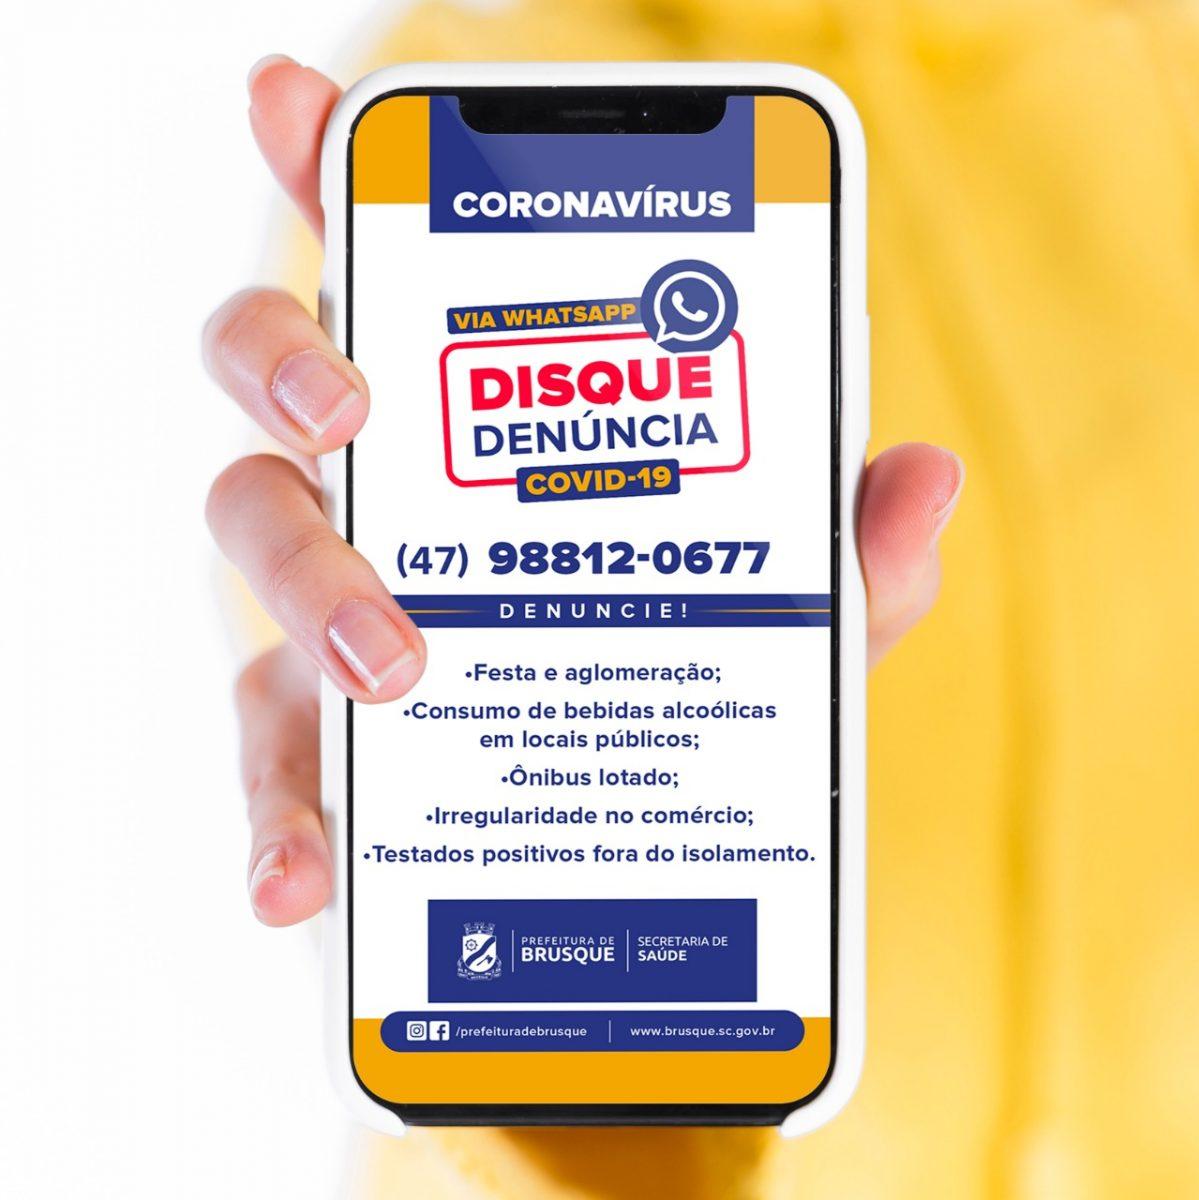 Covid-19: Vigilância em Saúde disponibiliza Disque Denúncia